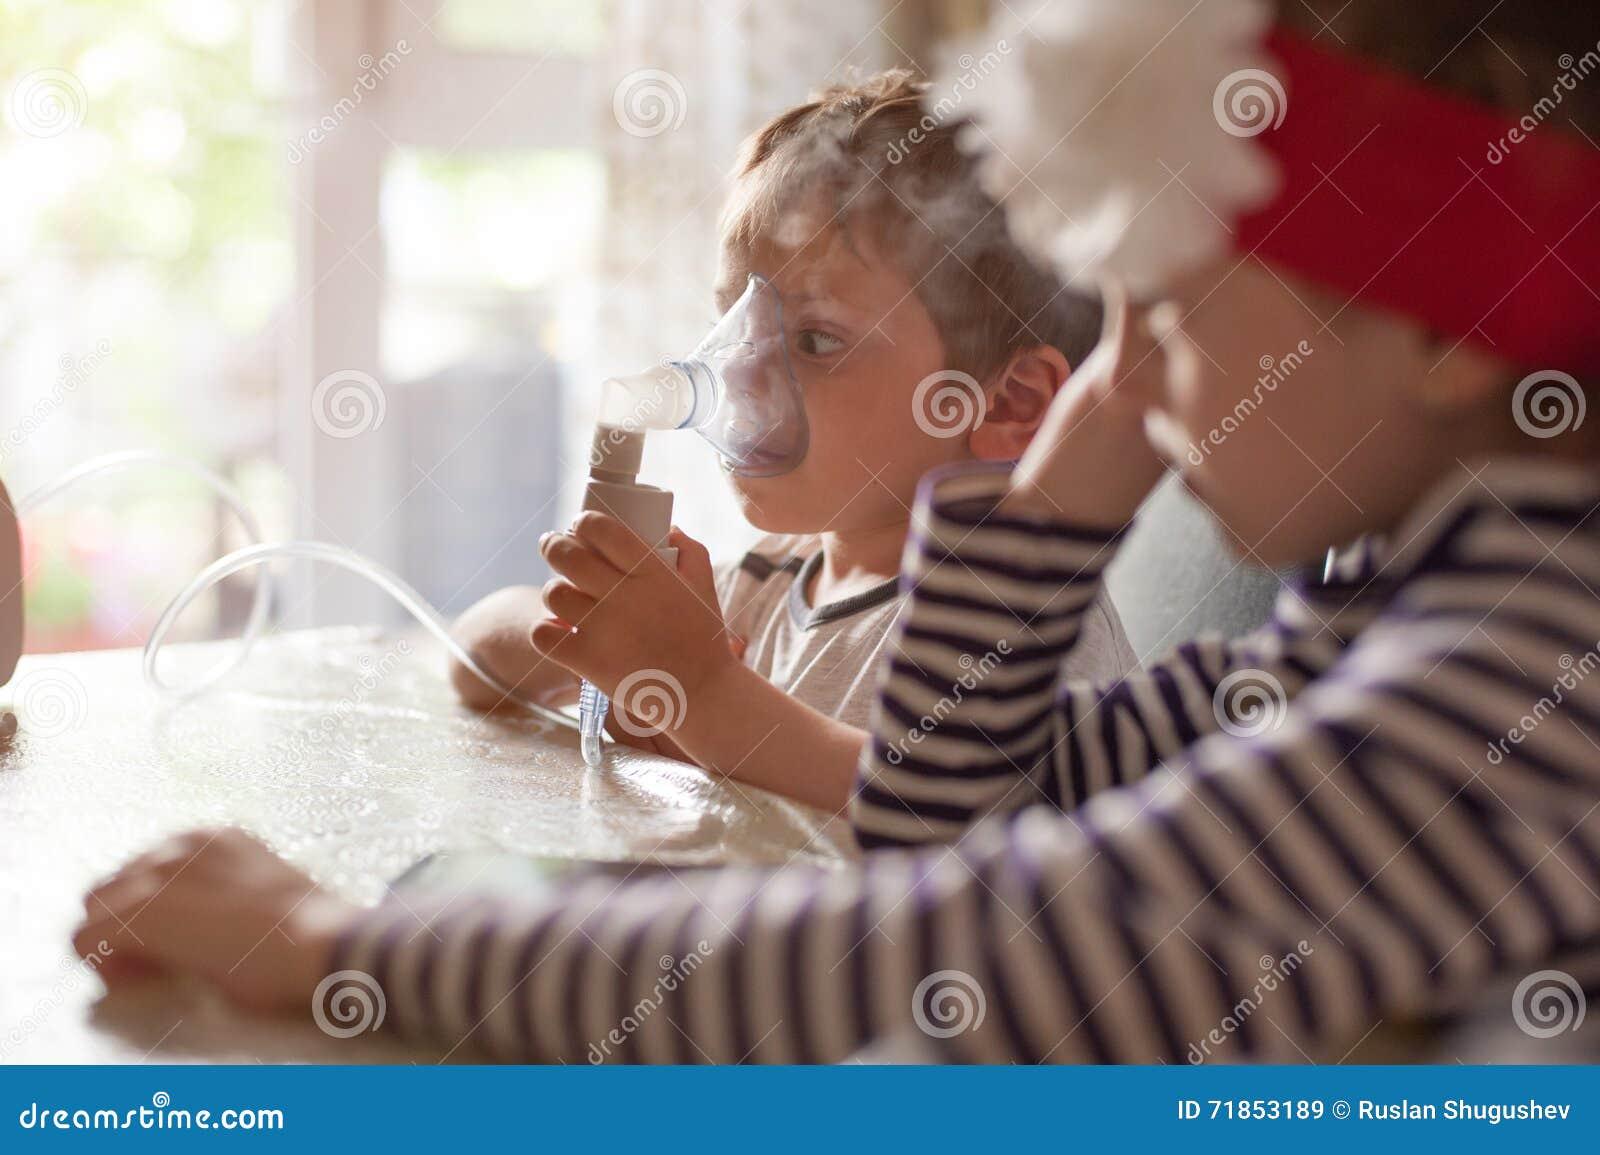 Inredning astma barn : Barn Inandning, Sjukvård, Medicin, Astma, Sjukdom, Virus, Epidemi ...